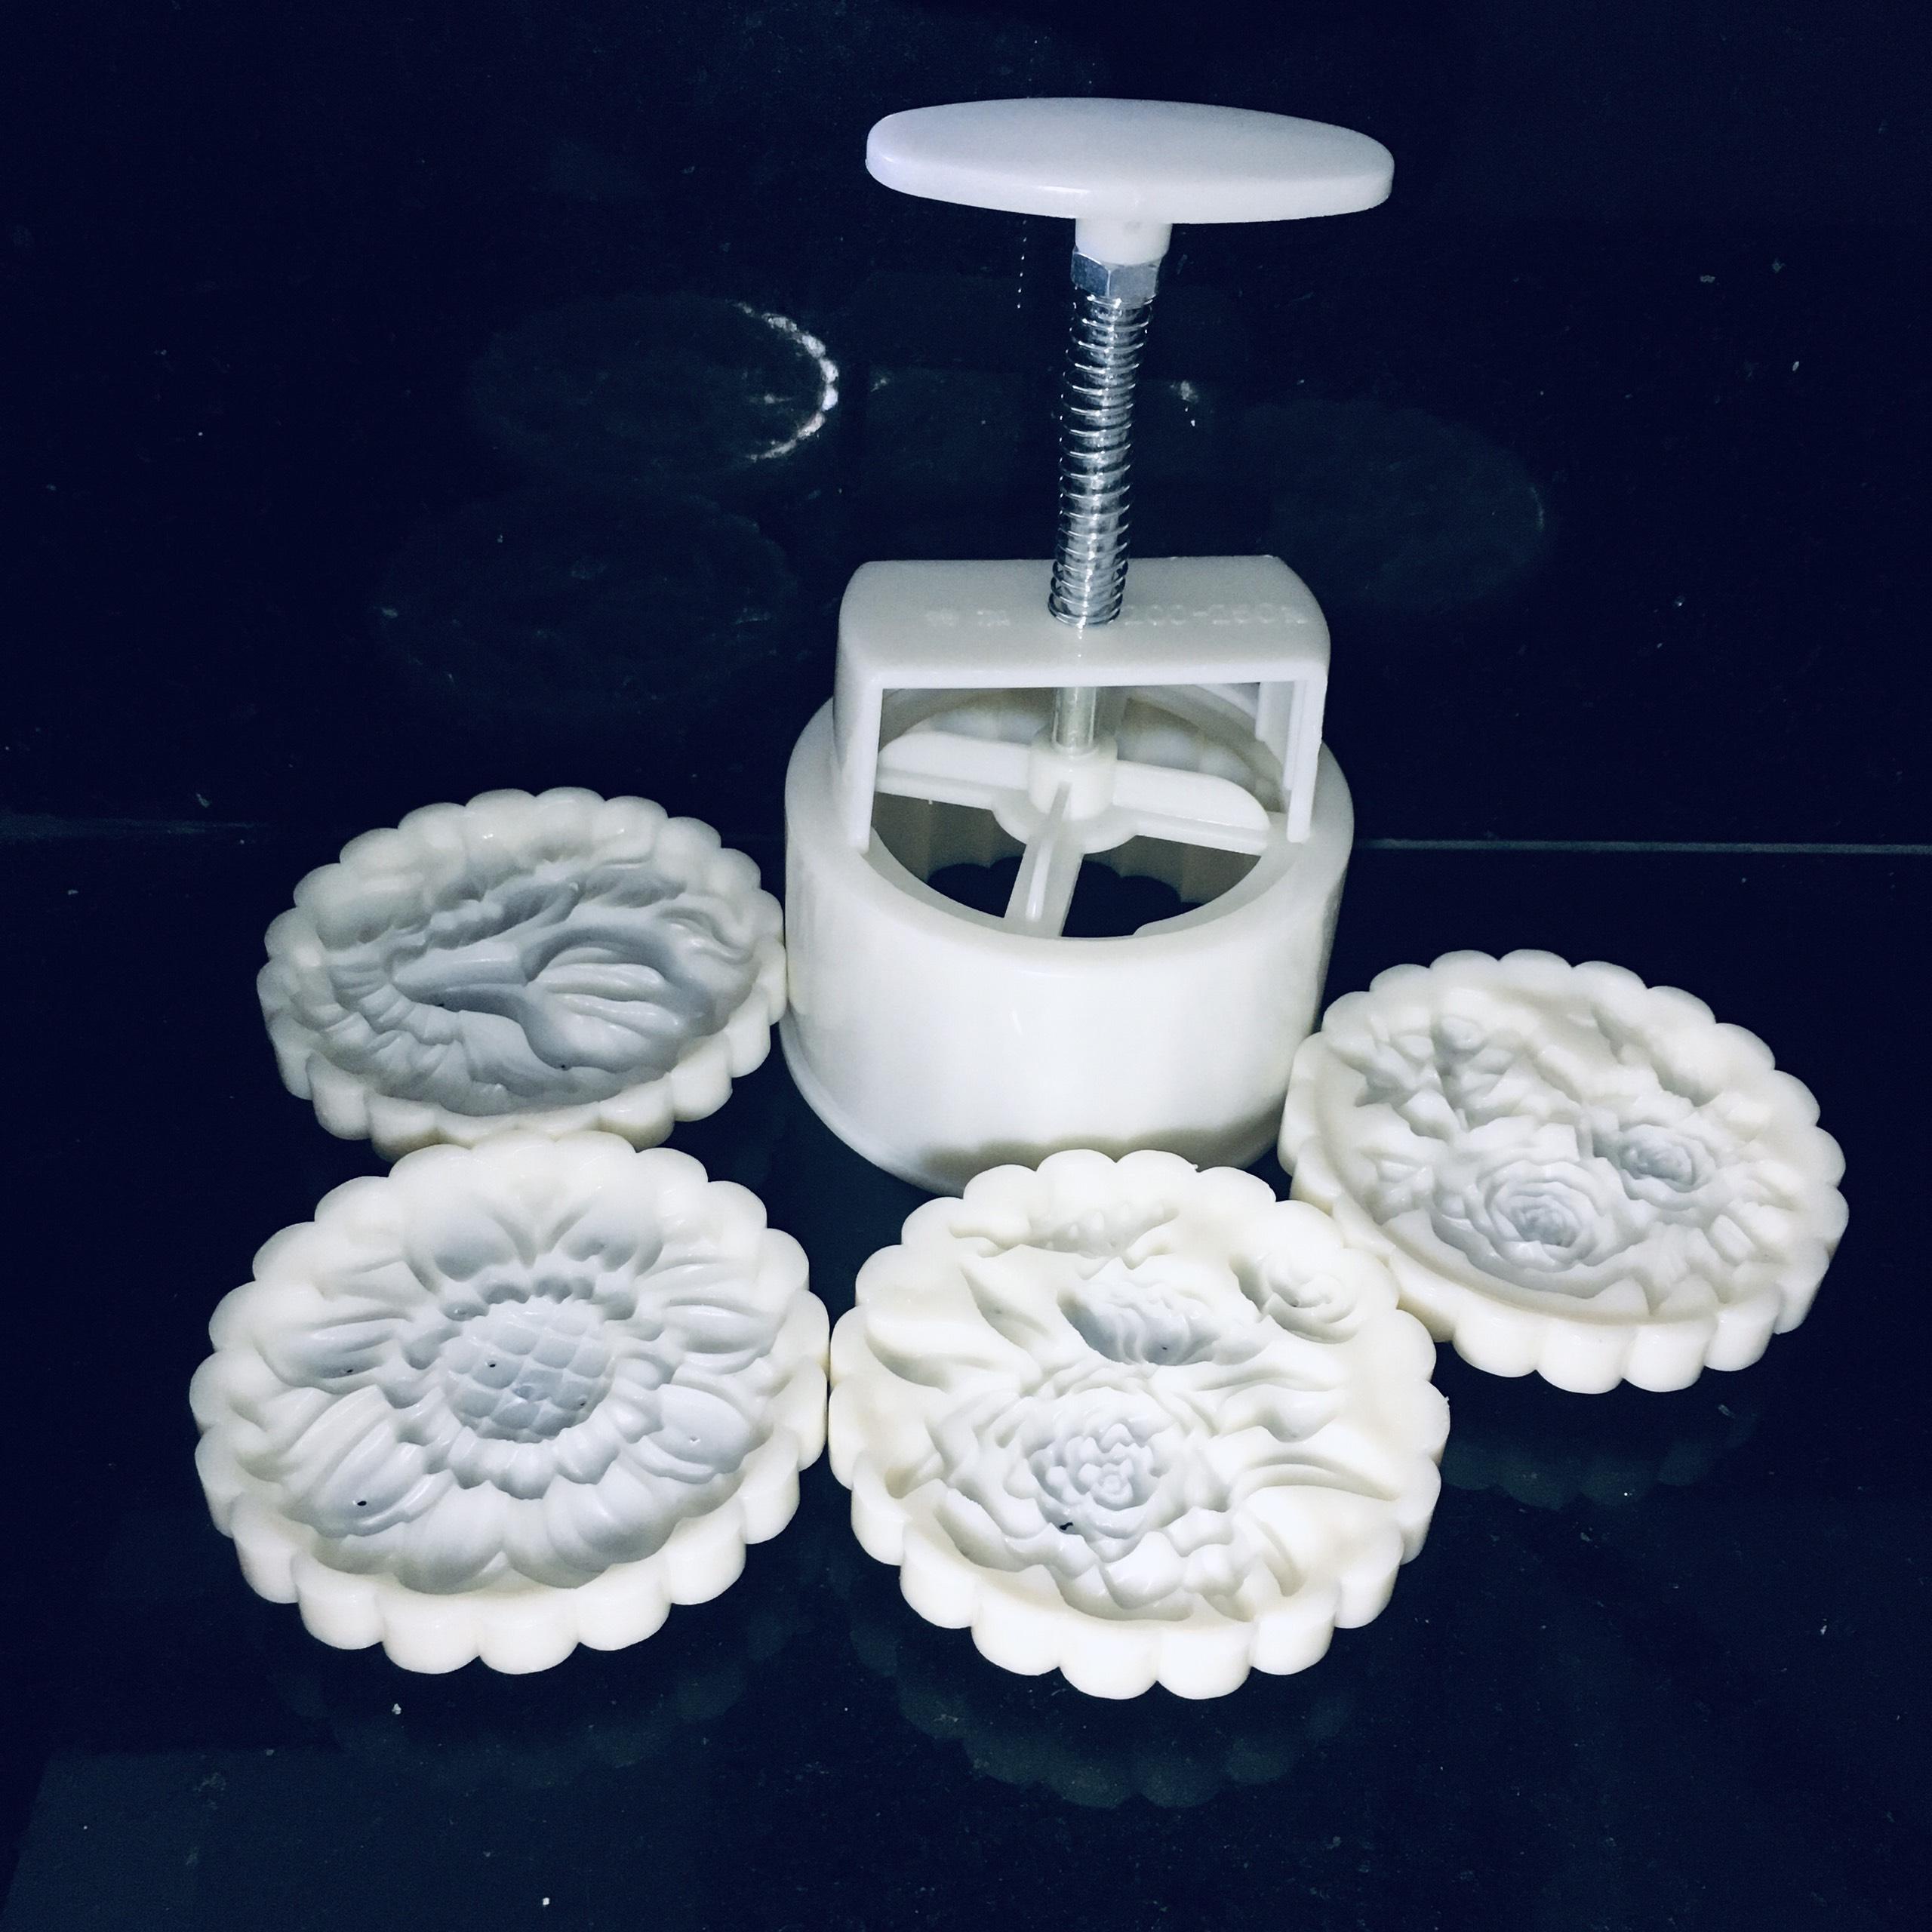 Khuôn trung thu 150g 4 mặt hoa hồng chùm dùng làm bánh trung thu, bánh dẻo đẹp mắt, chất lượng cao